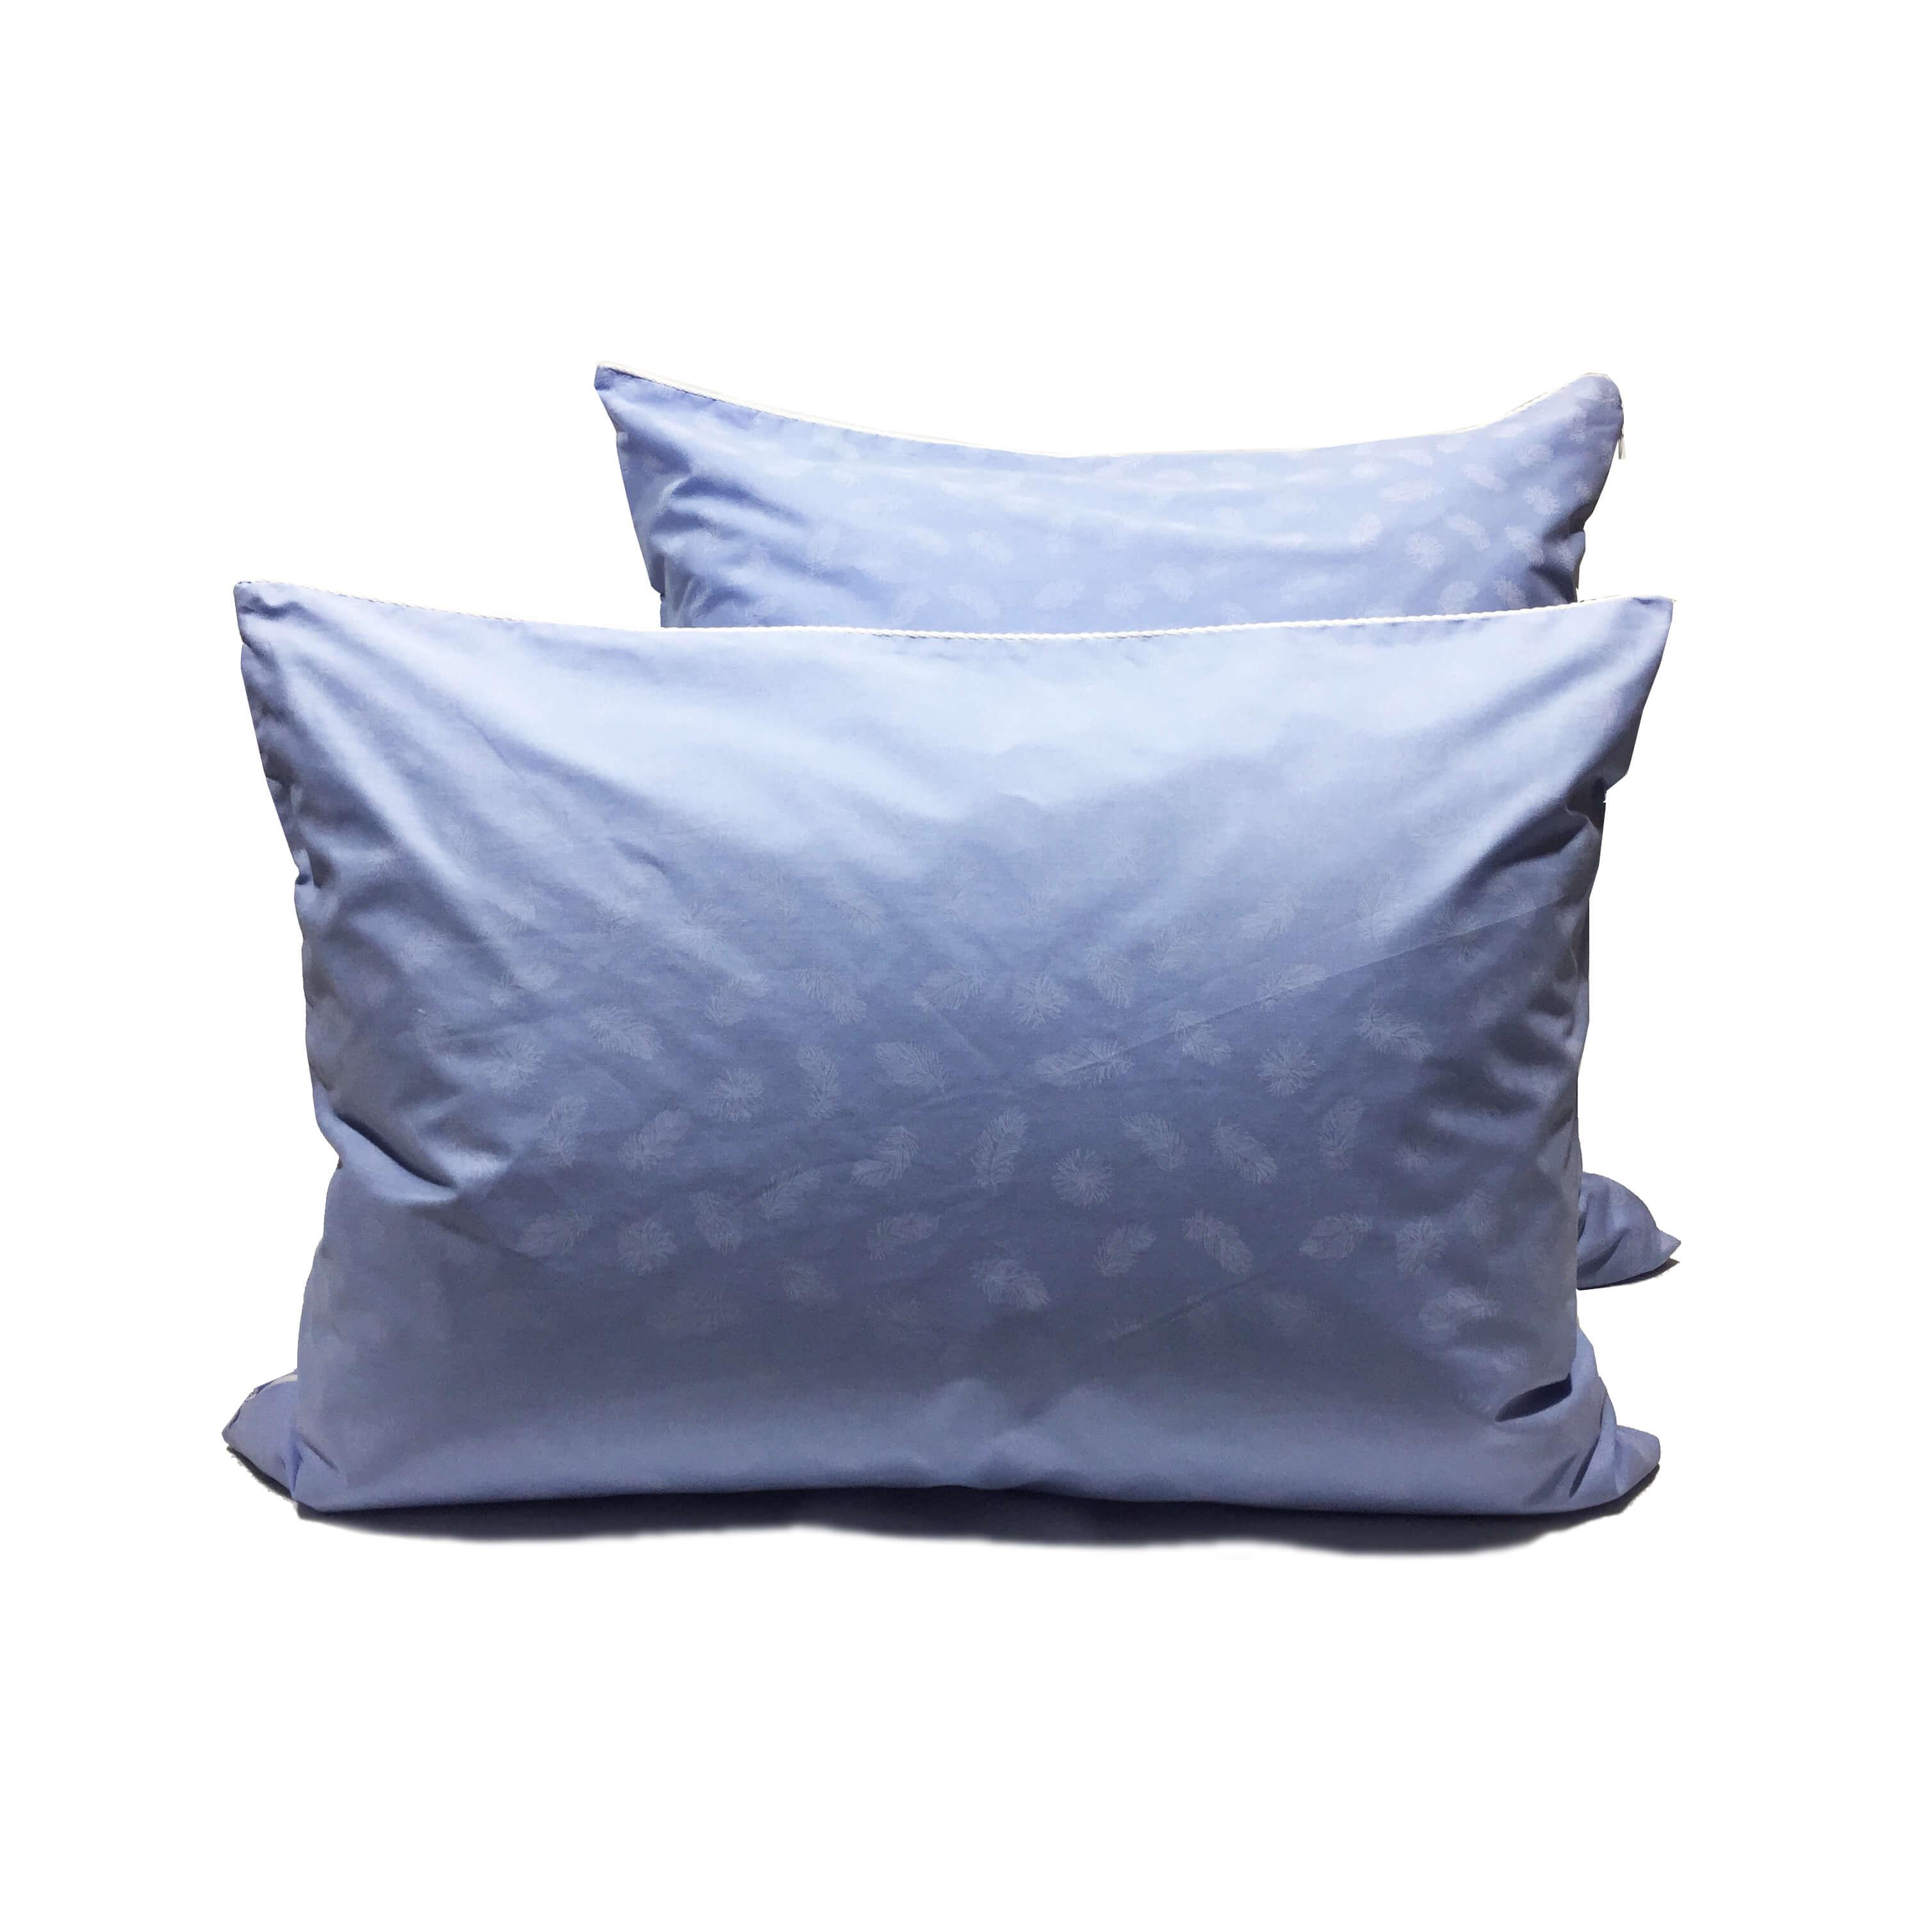 Наперник на молнии 70*70см, ПЭ+хлопок (Перья, голубой)